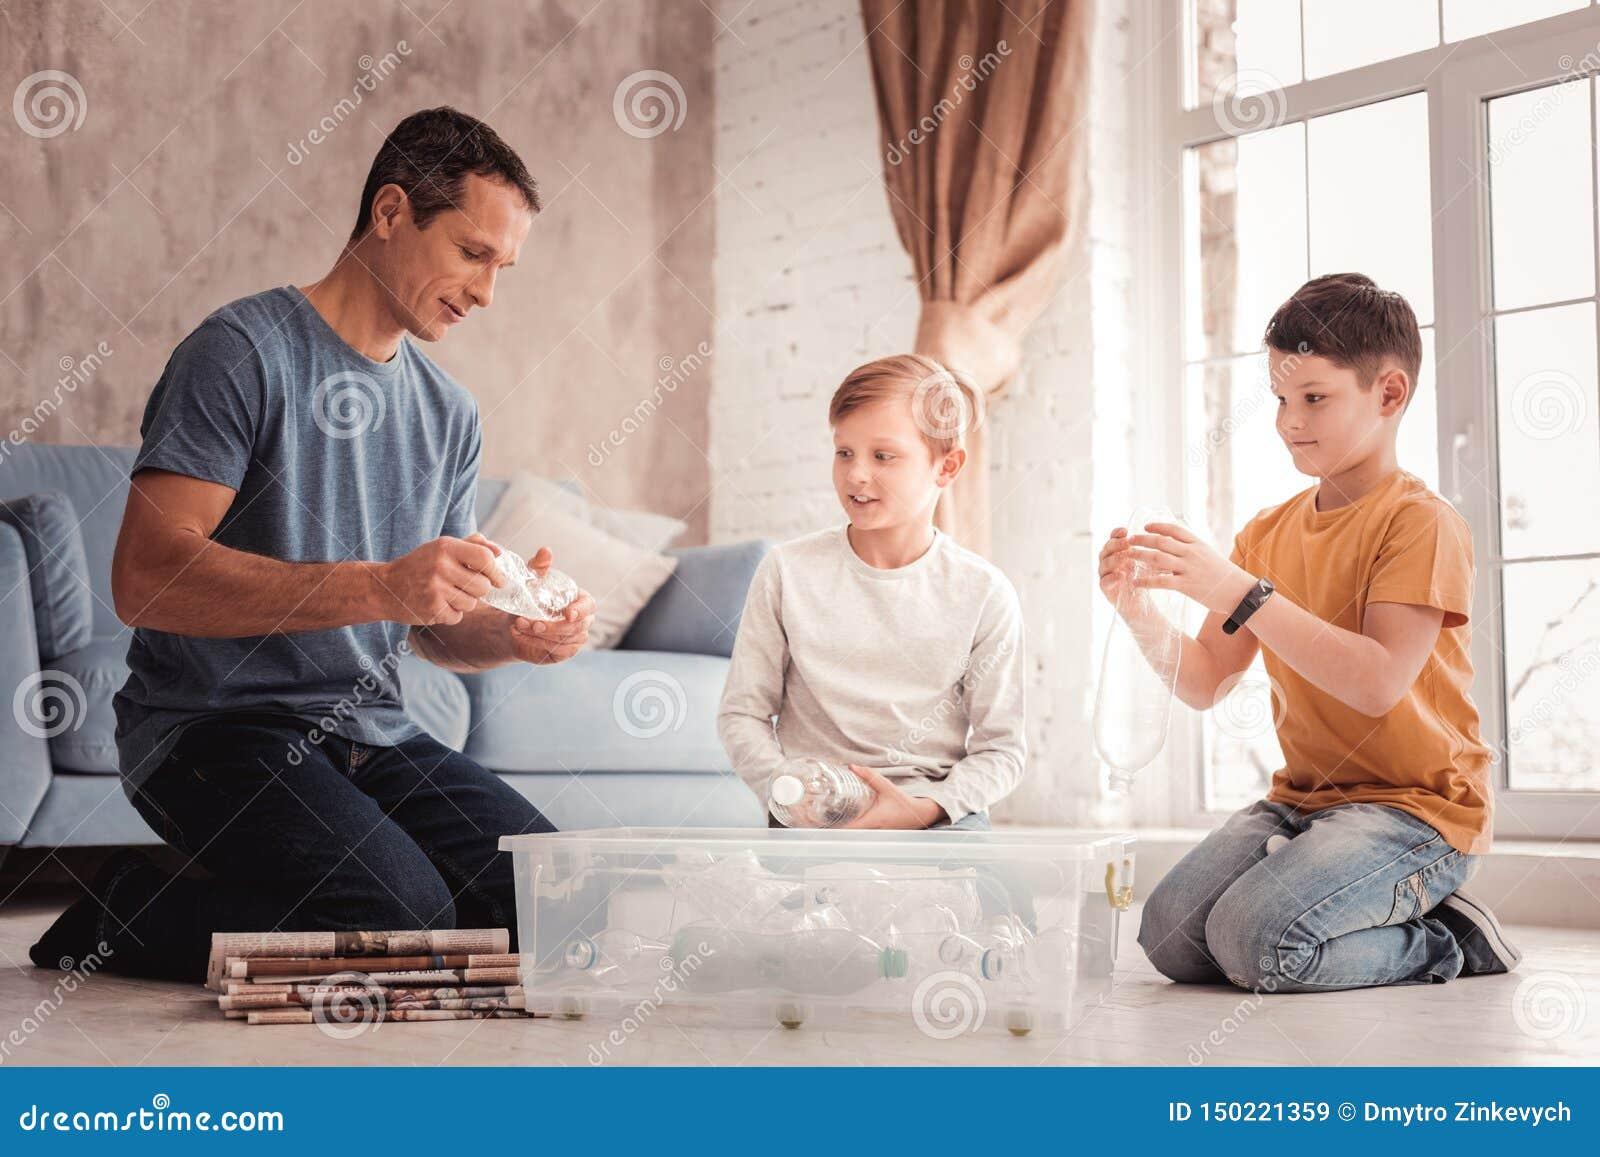 Επιμελής ενθαρρύνετε τον πατέρα που λέει στους γιους του για την ανακύκλωση απορριμμάτων